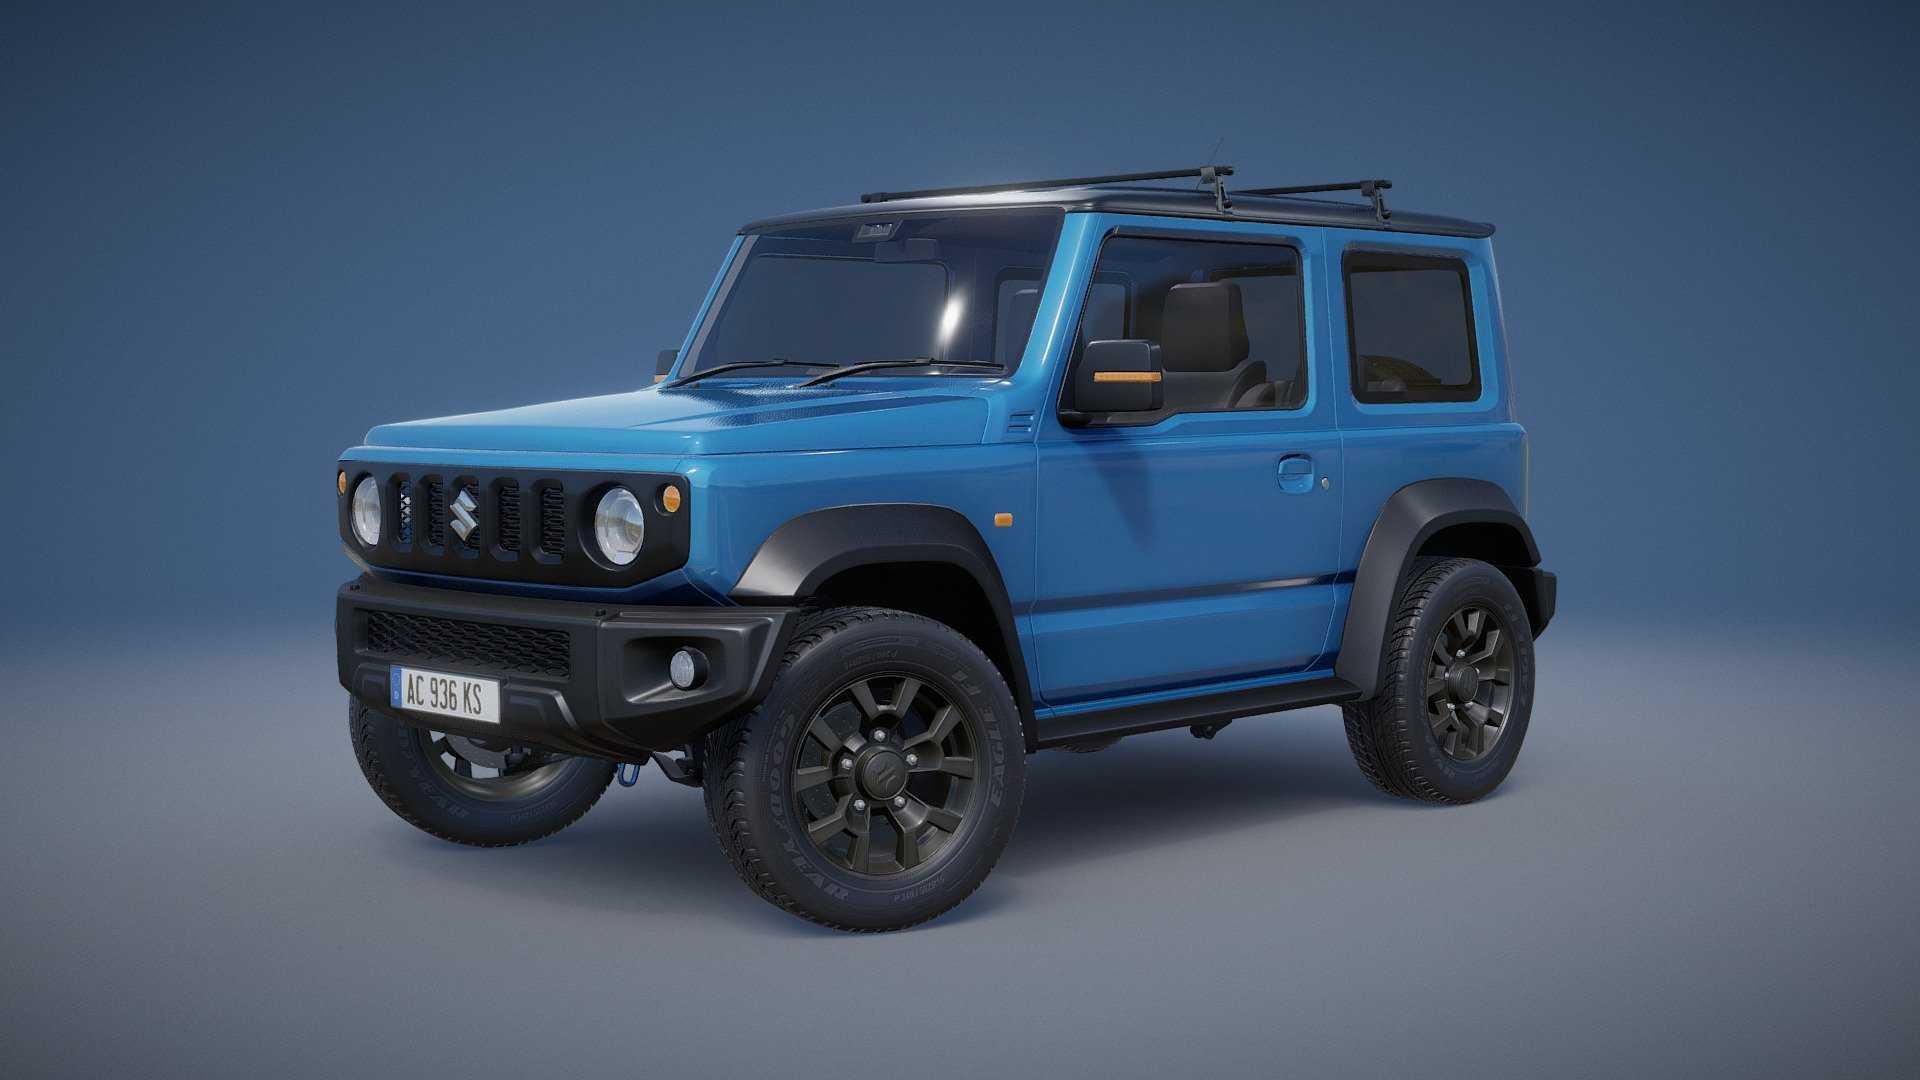 Suzuki jimny 2019: мини-внедорожник с обновленным дизайном и улучшенными характеристиками